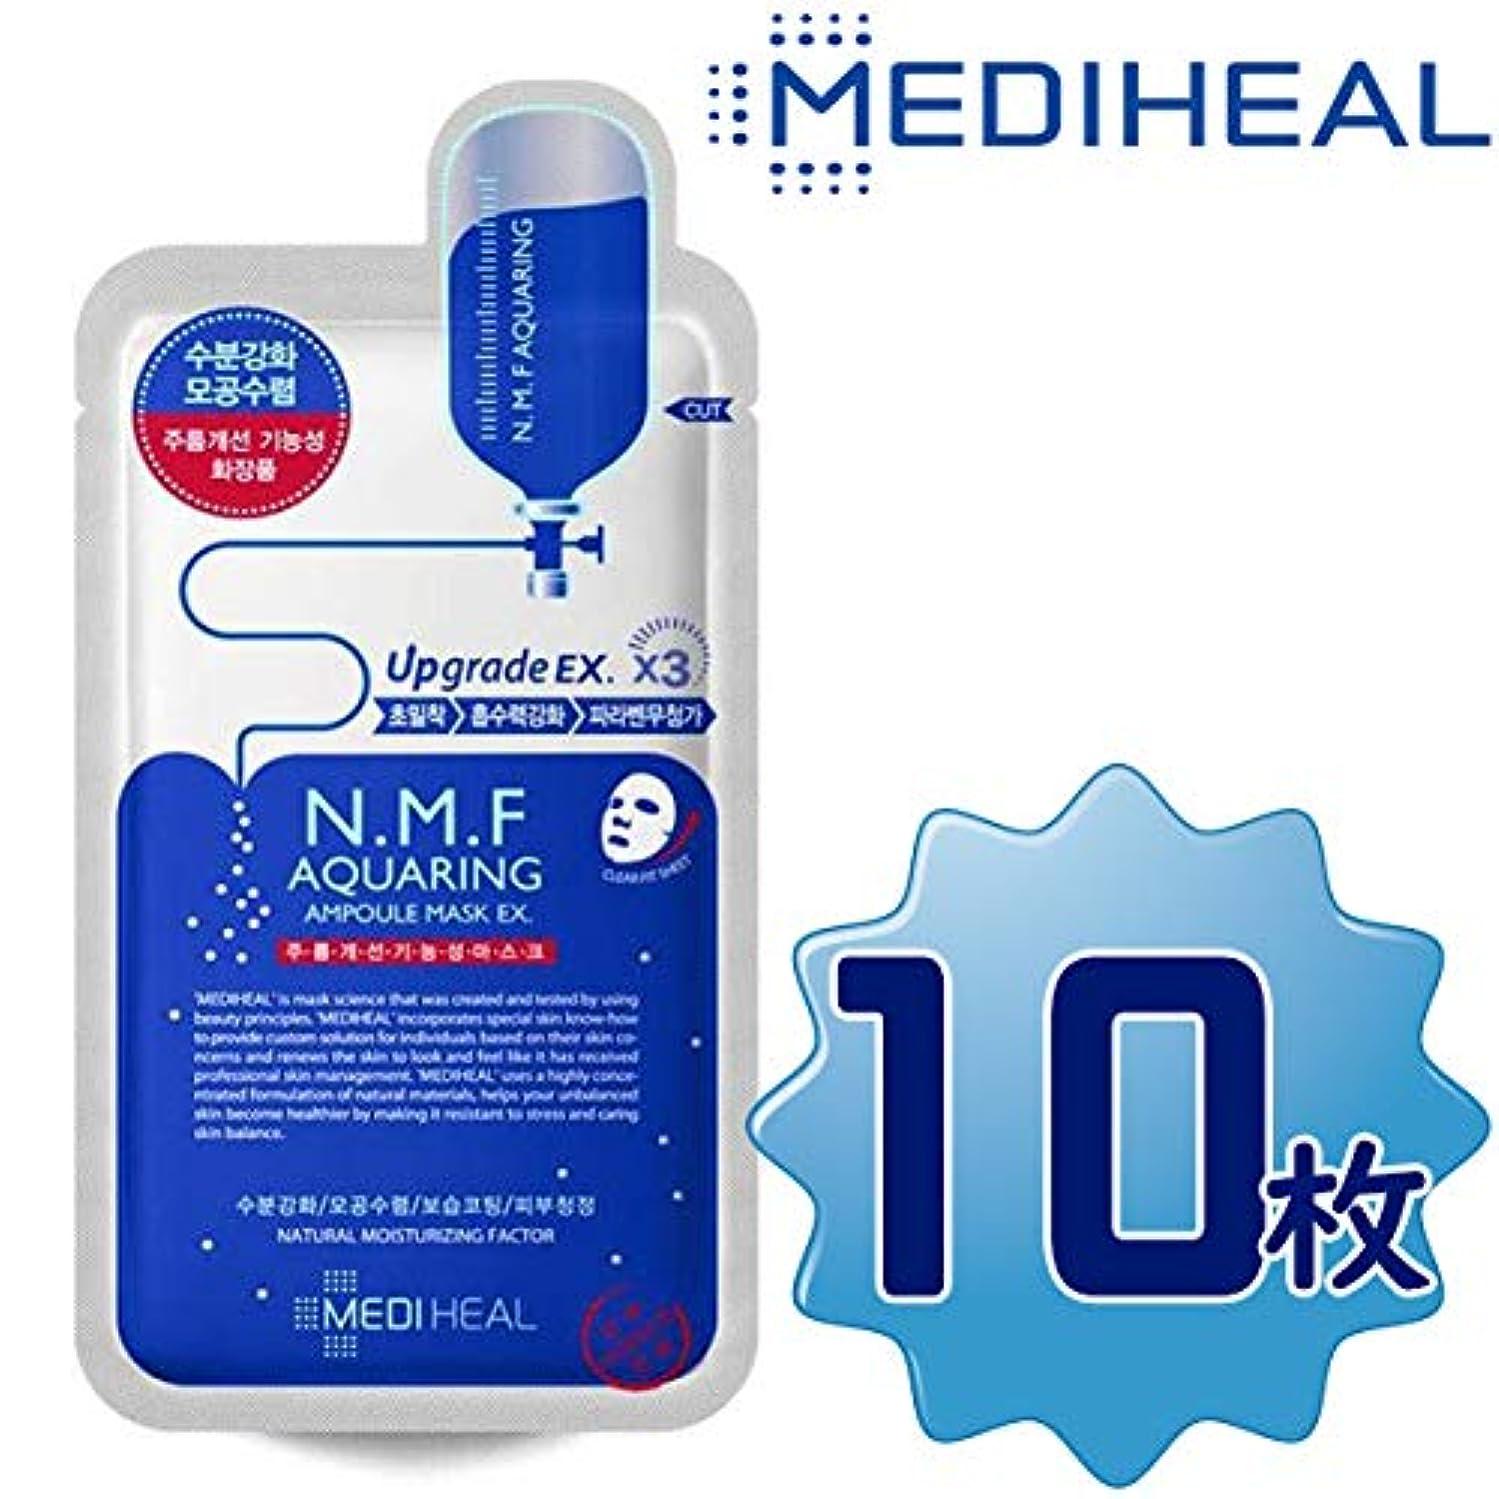 俳句チケット常習者【正規輸入品】Mediheal メディヒール N.M.F アクアリング アンプル・マスクパックEX 10枚入り×1(Aquaring Ampoule Essential Mask PackEX 1box(10sheet)×1